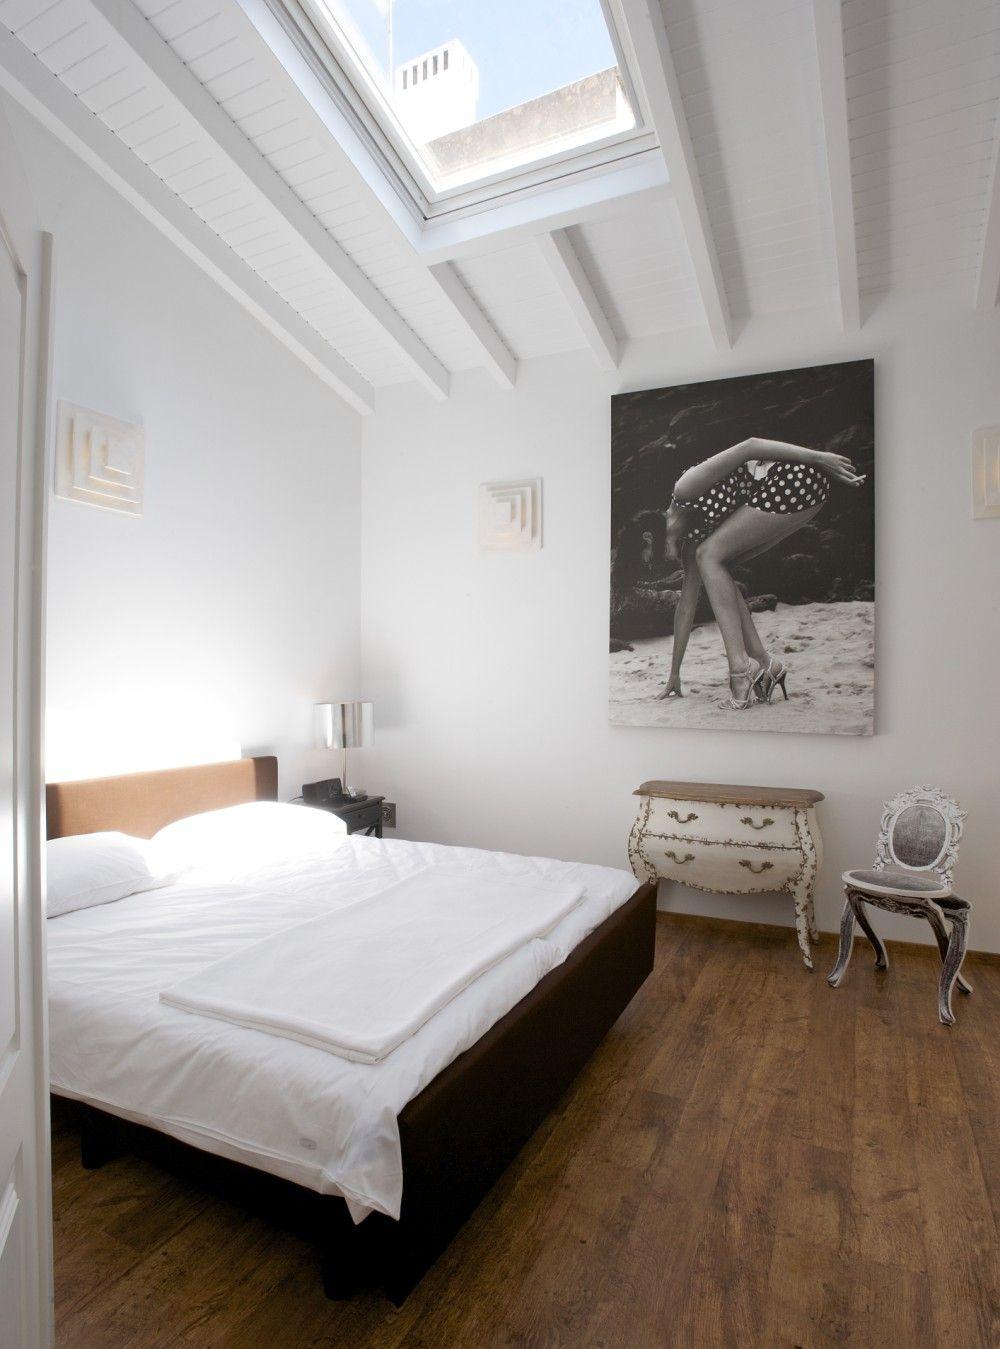 casa - palaccio Lagos - Portugal - designs & architecture studioarte silves